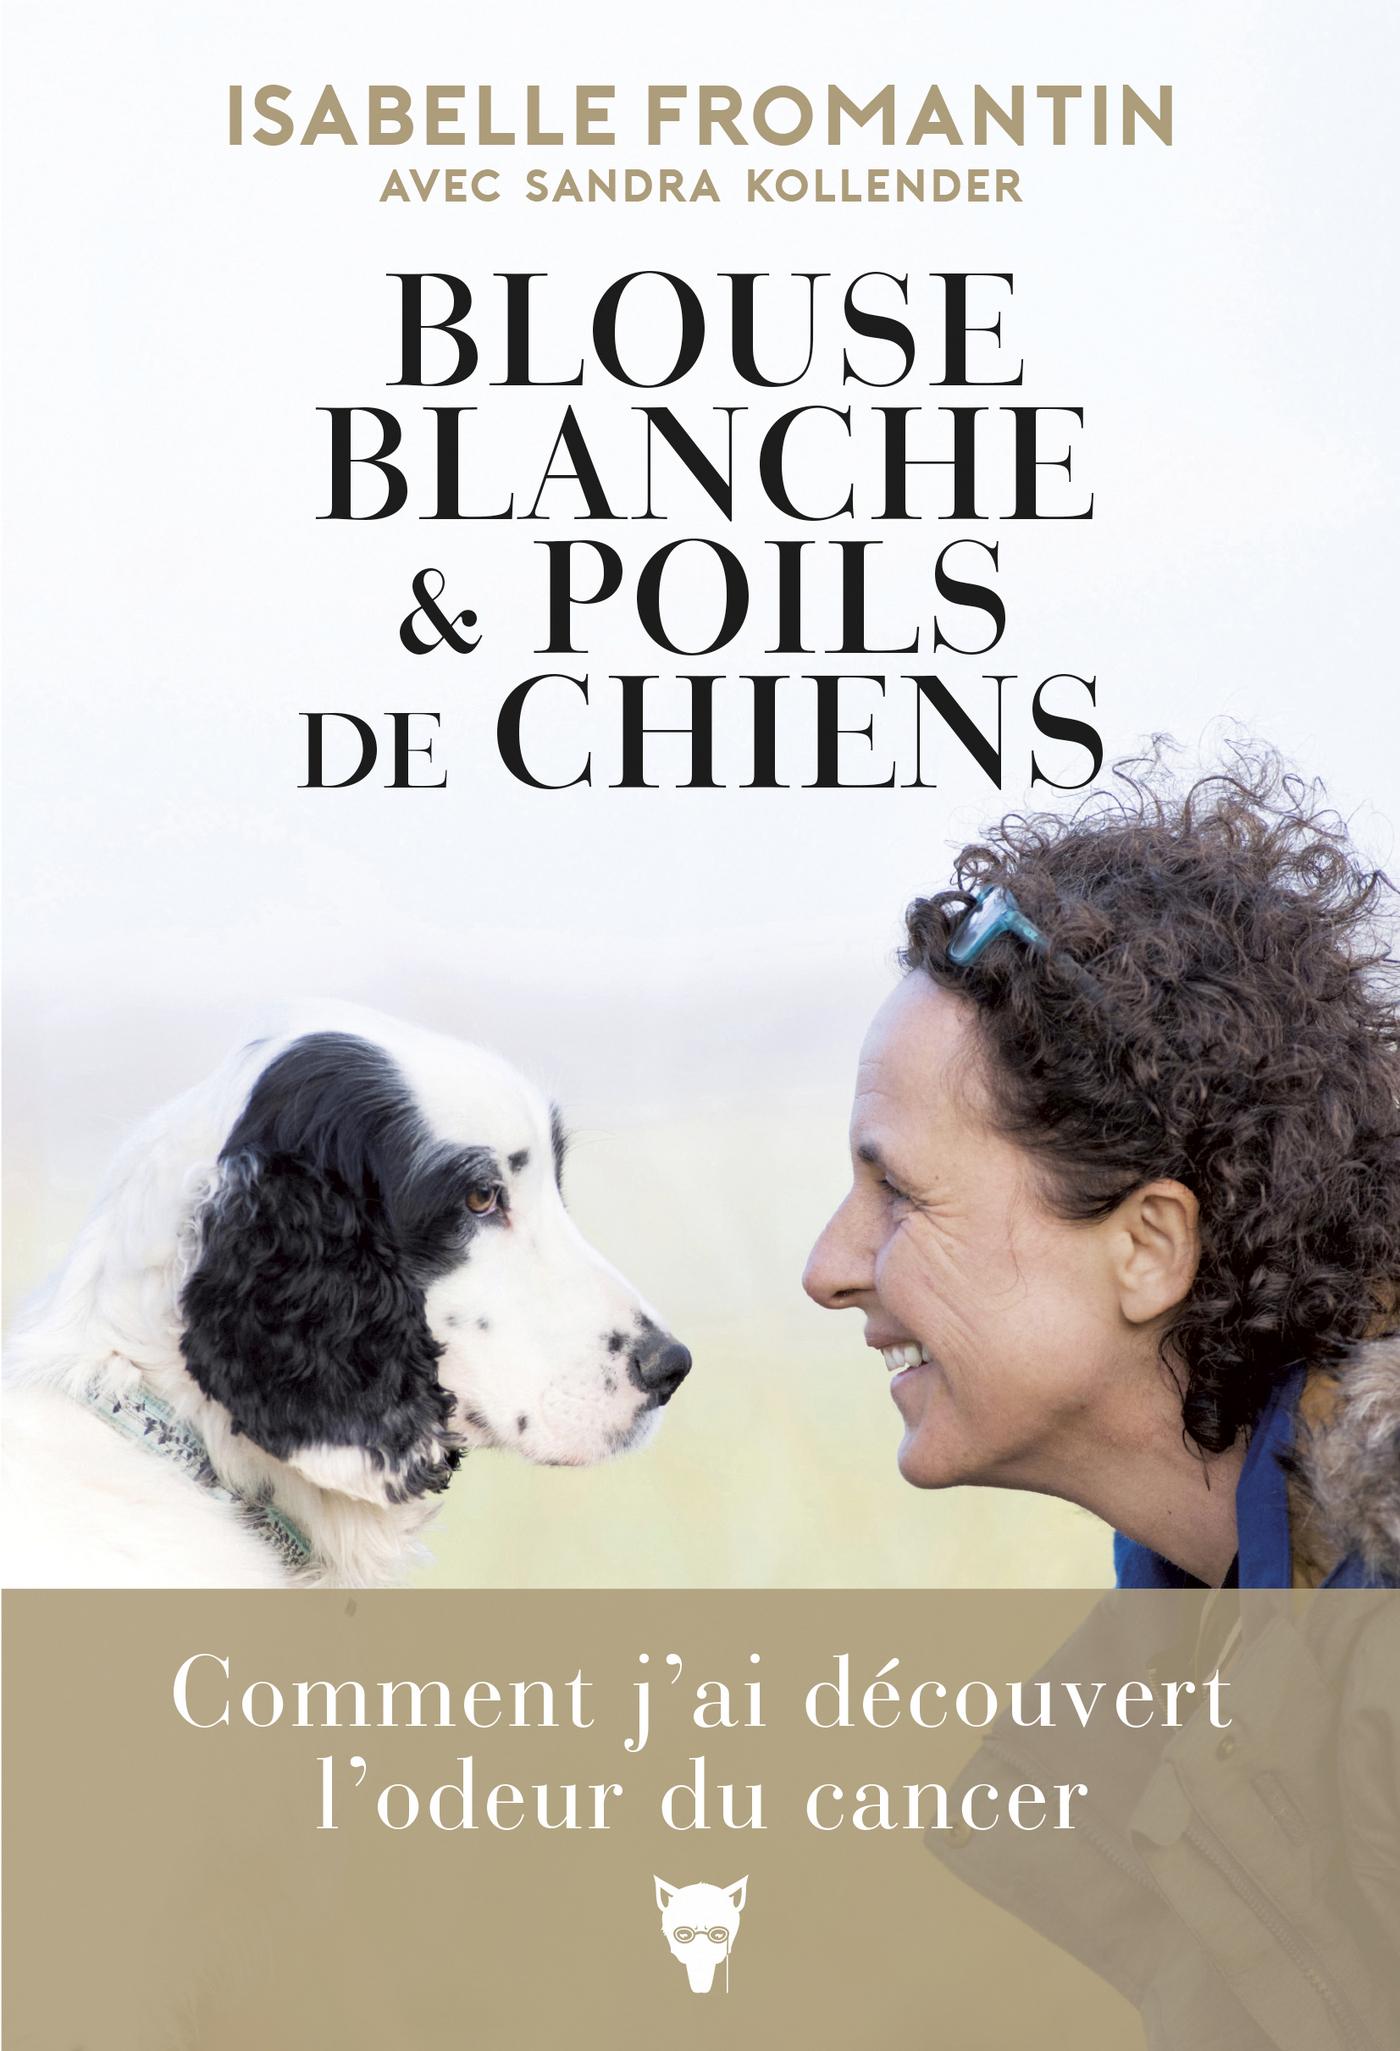 Blouse blanche et poils de chien - Comment j'ai découvert l'odeur du cancer